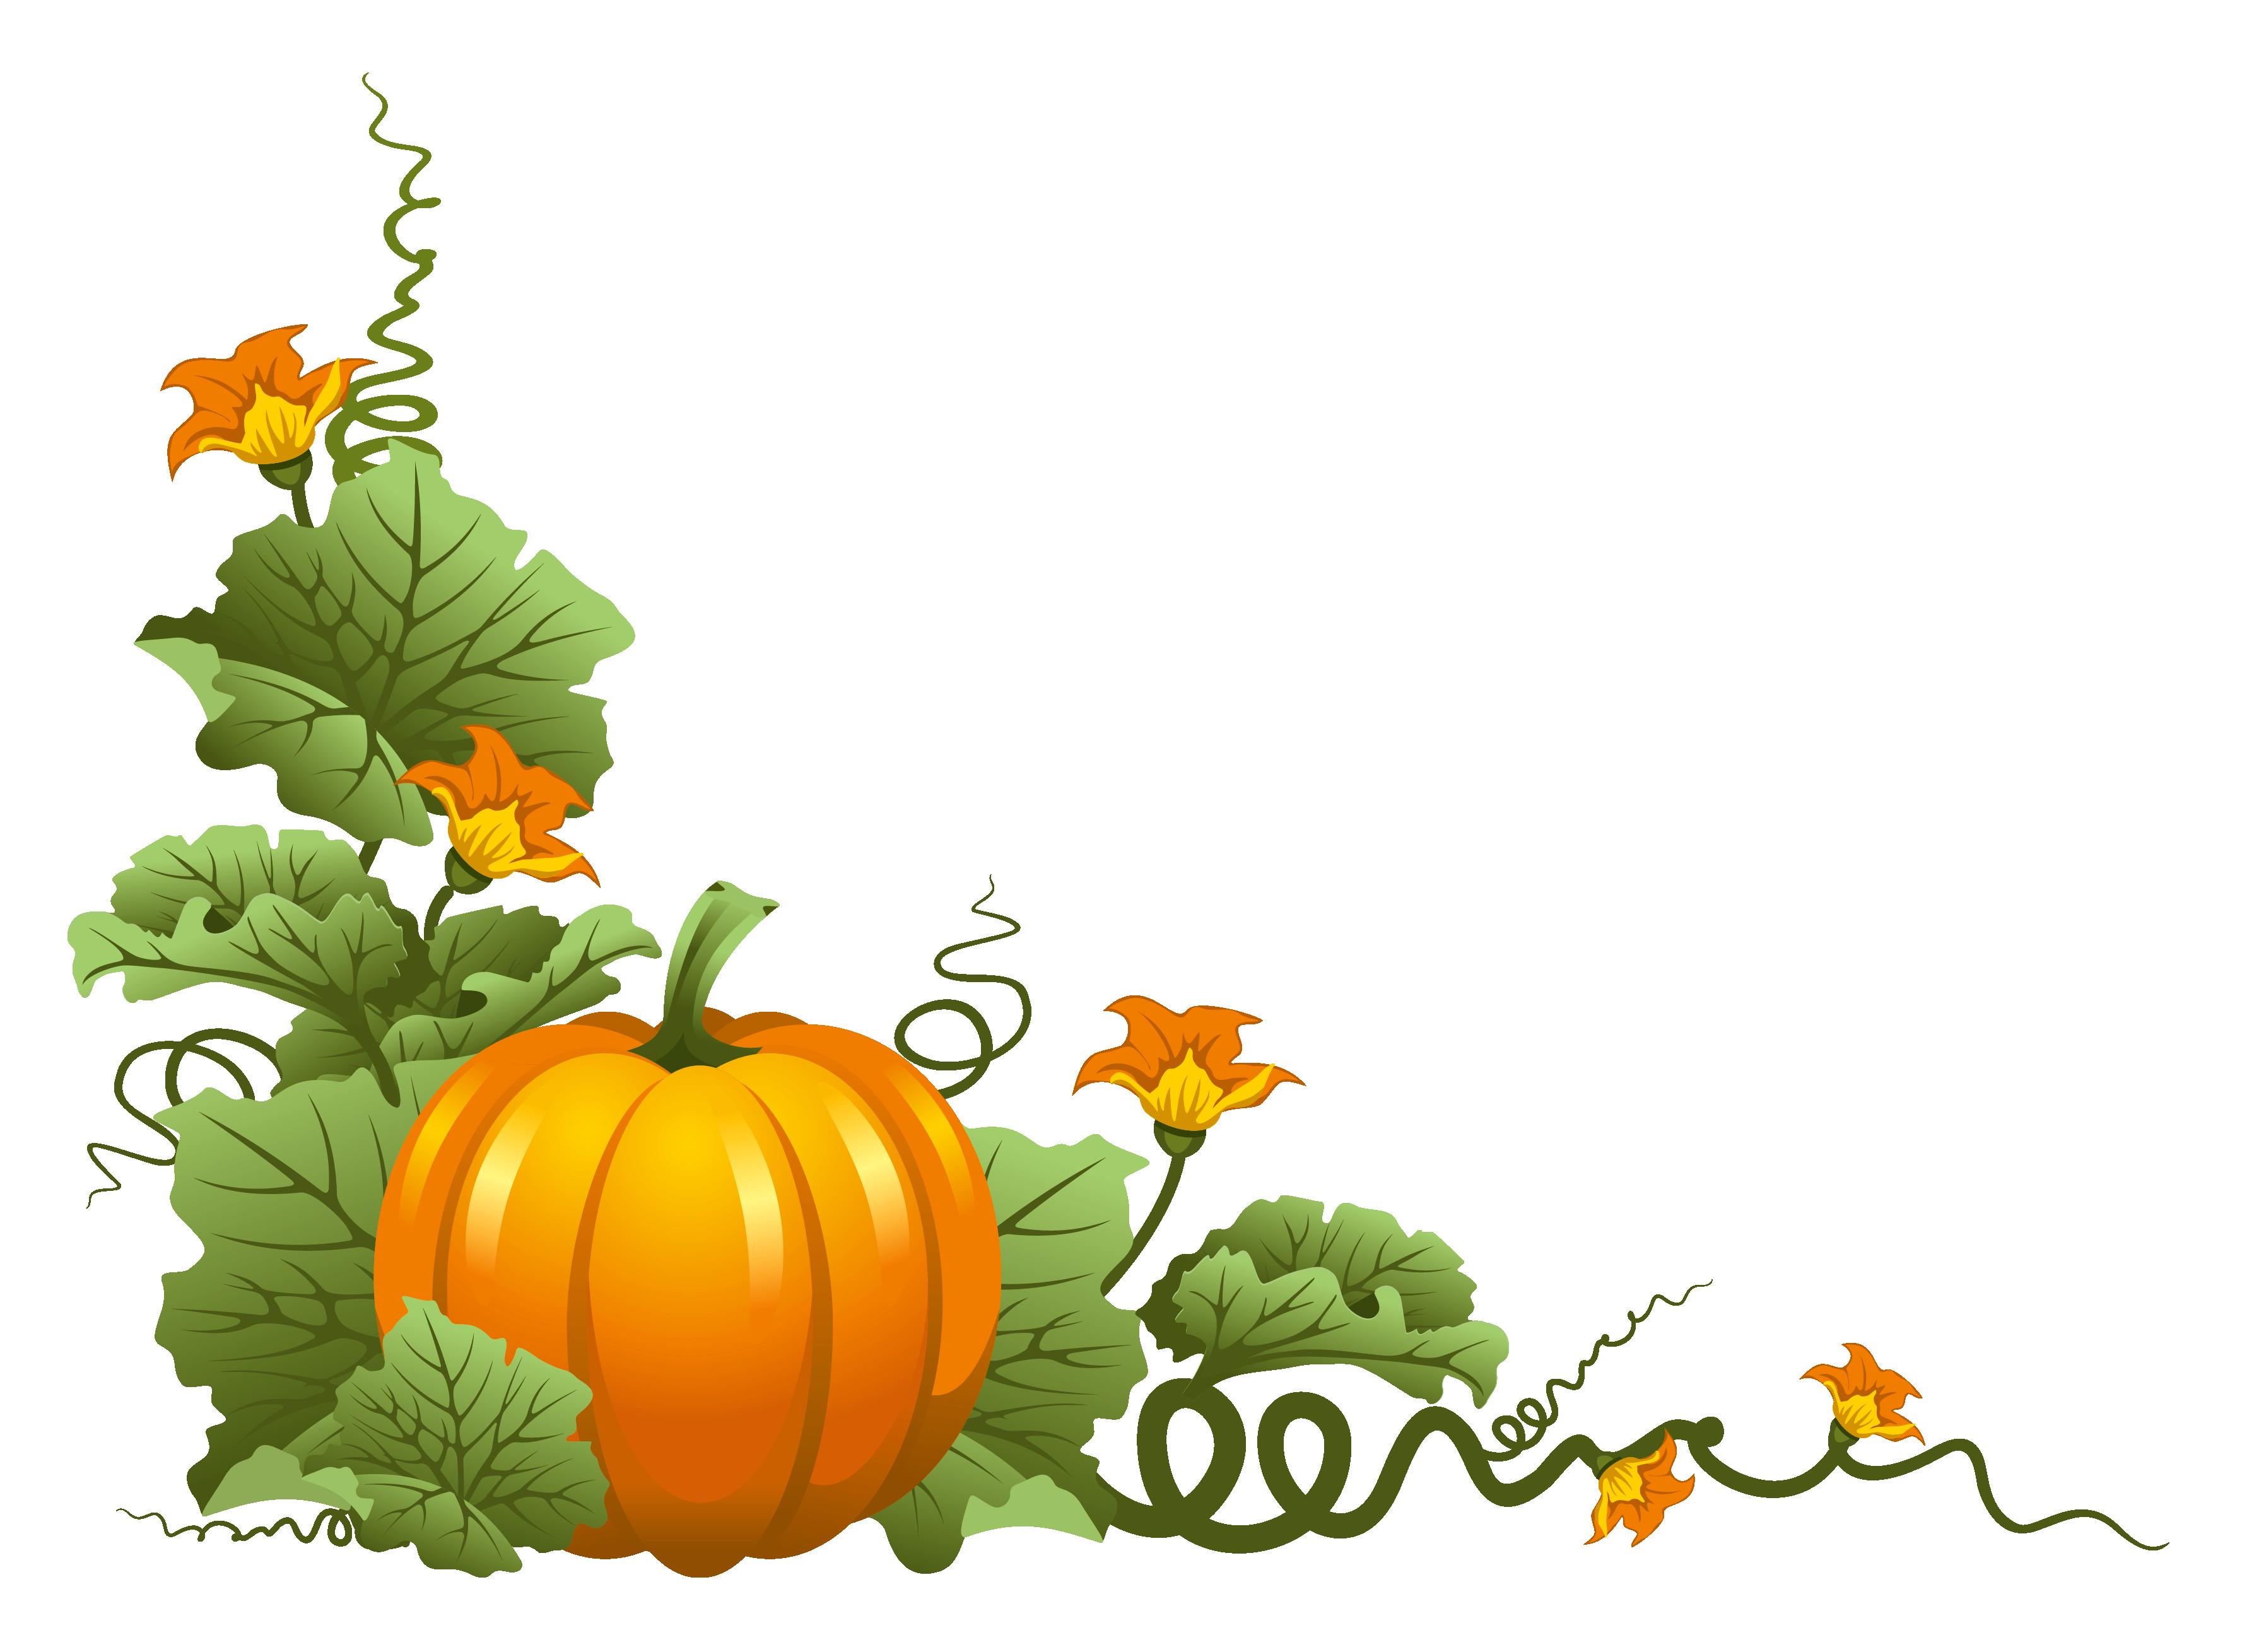 3554x2619 Thanksgiving clipart pumpkins